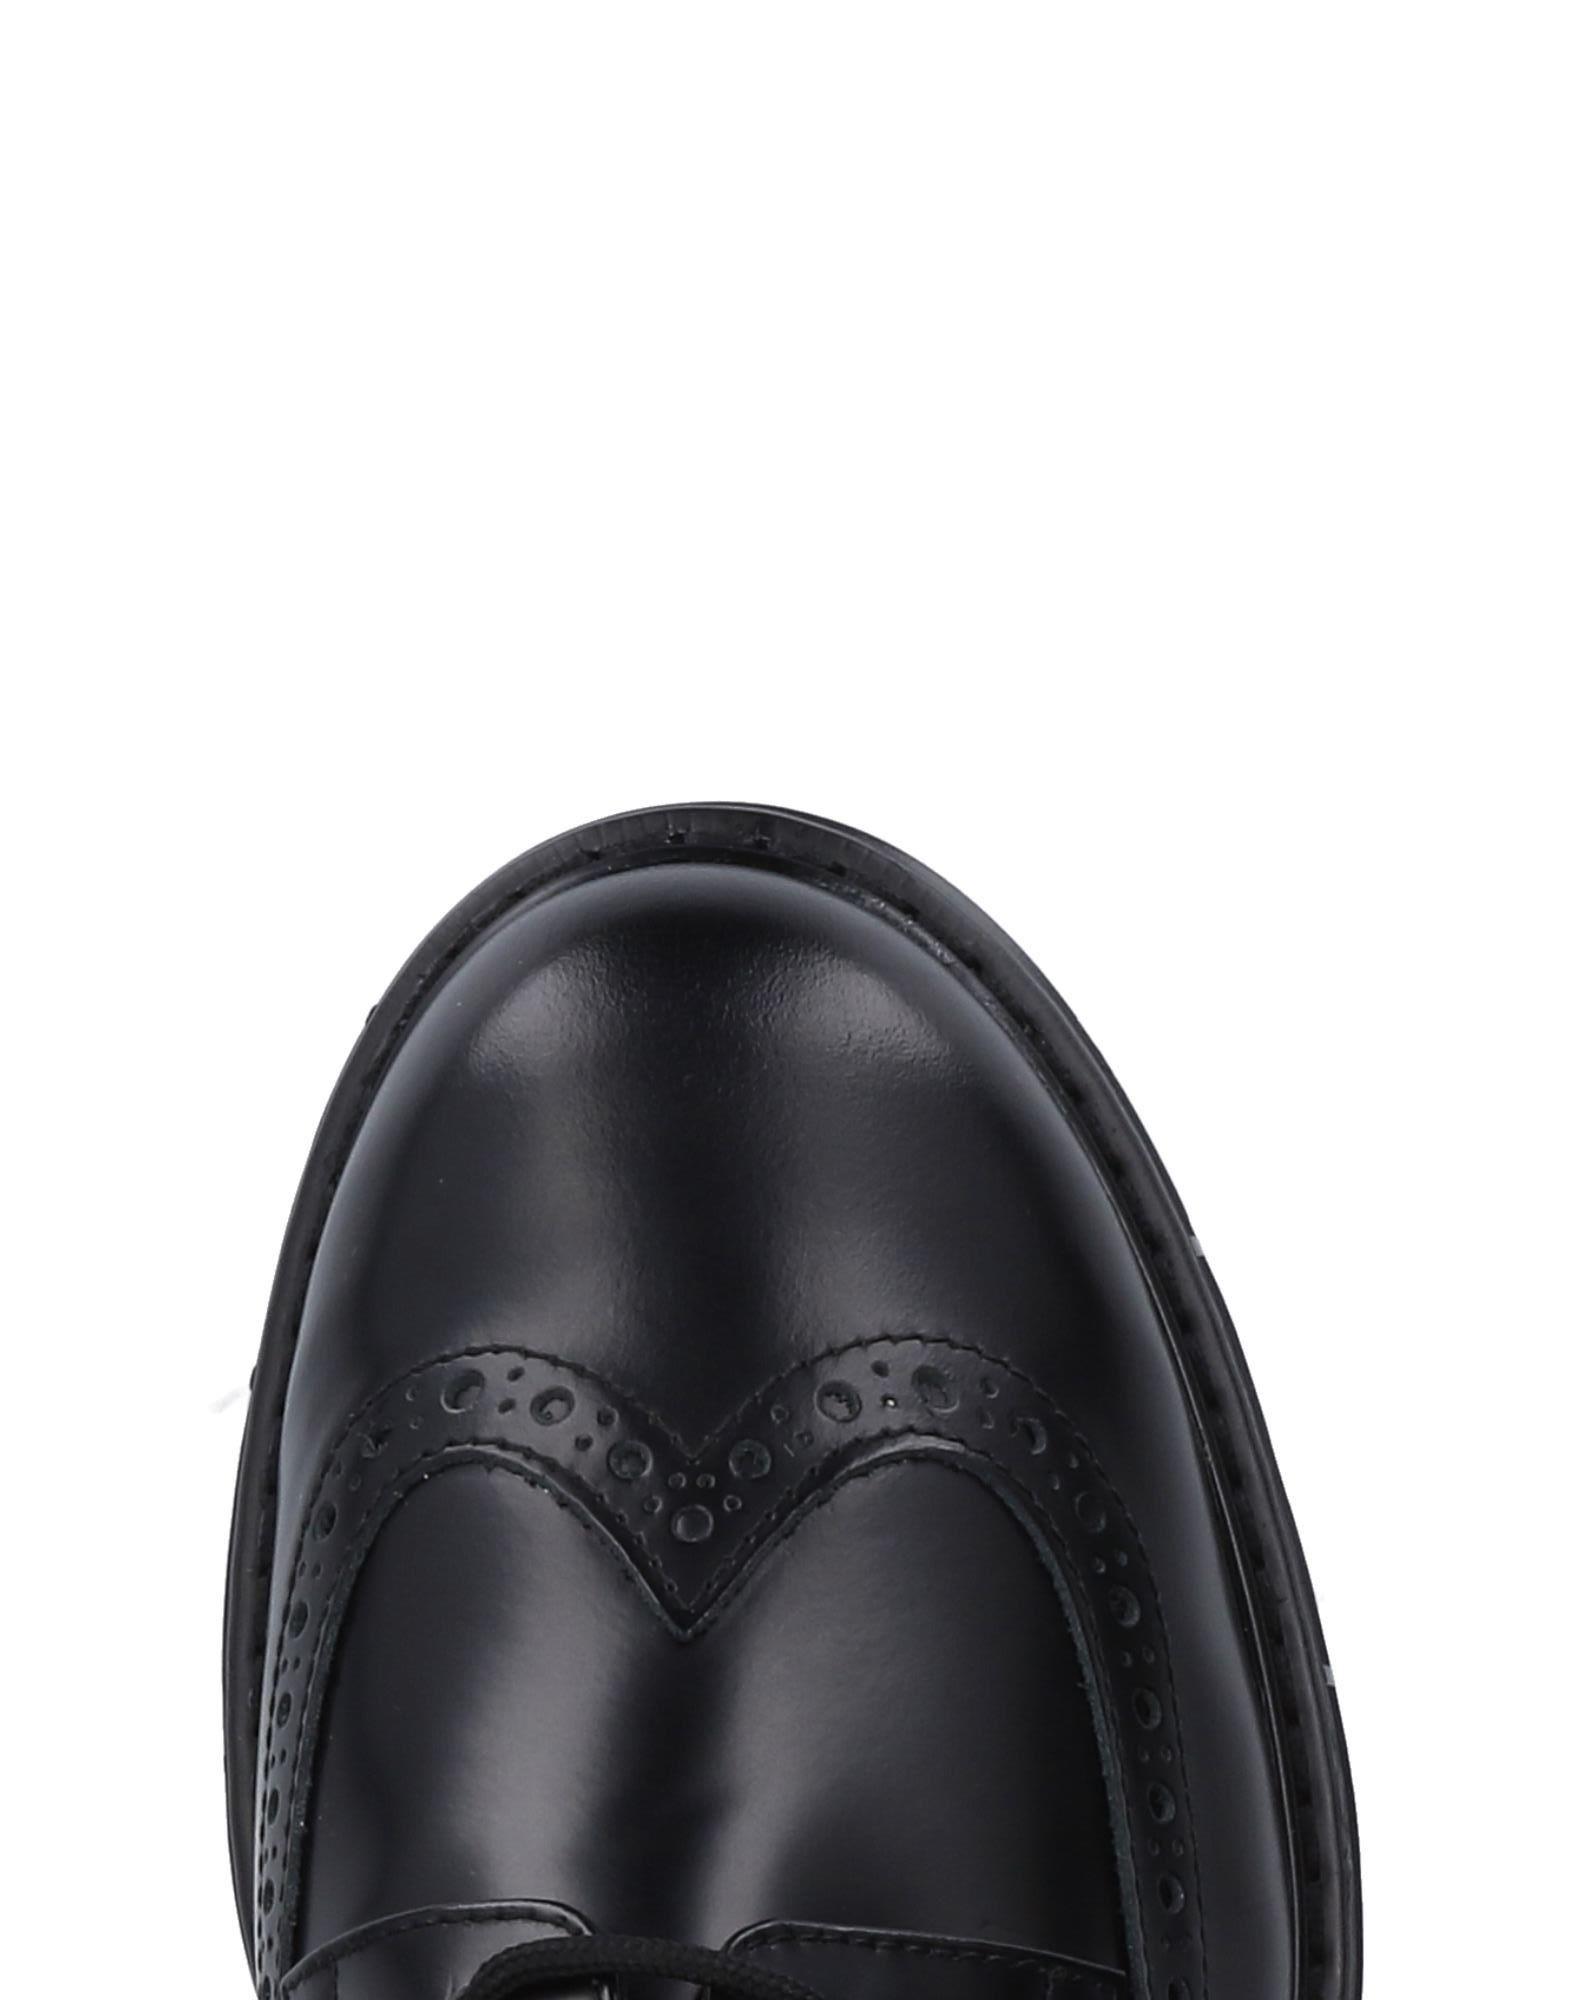 Tsd12 Schnürschuhe Herren beliebte  11504340TH Gute Qualität beliebte Herren Schuhe 617755